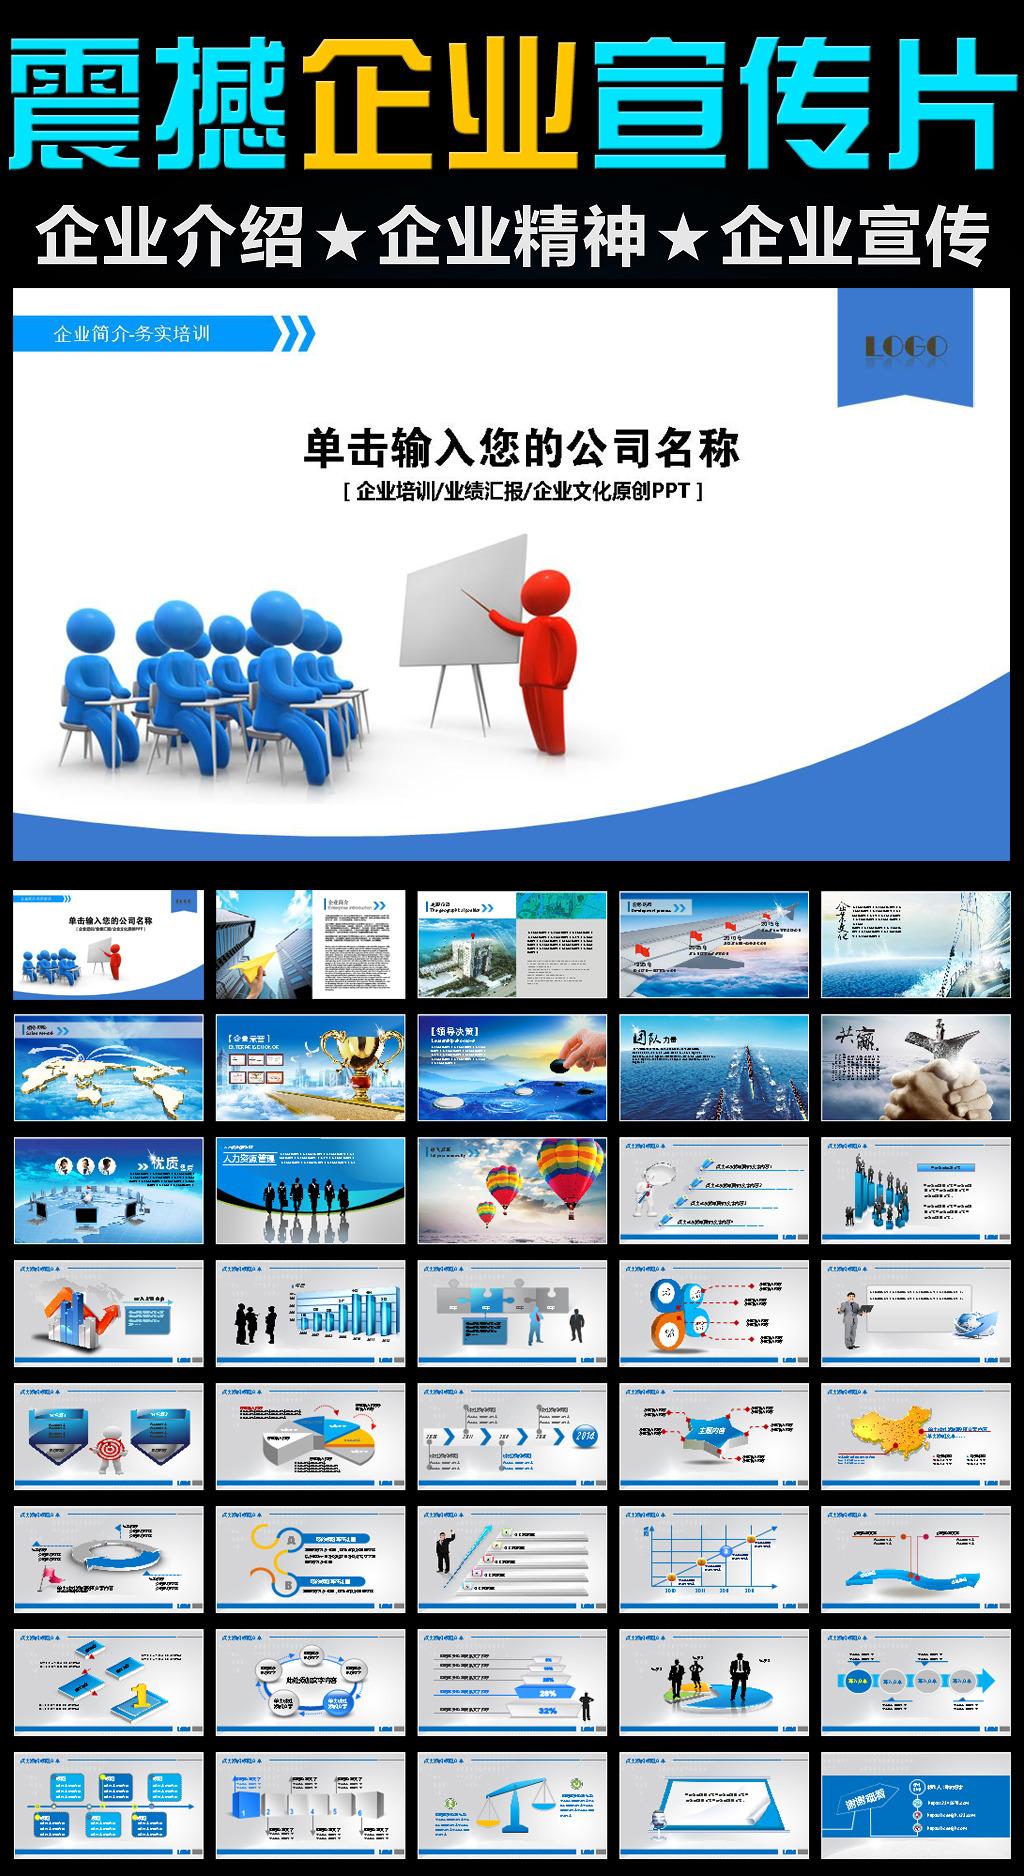 企业文化 公司简洁 ppt ppt模板 ppt图表 动态ppt 会议 报告 座谈